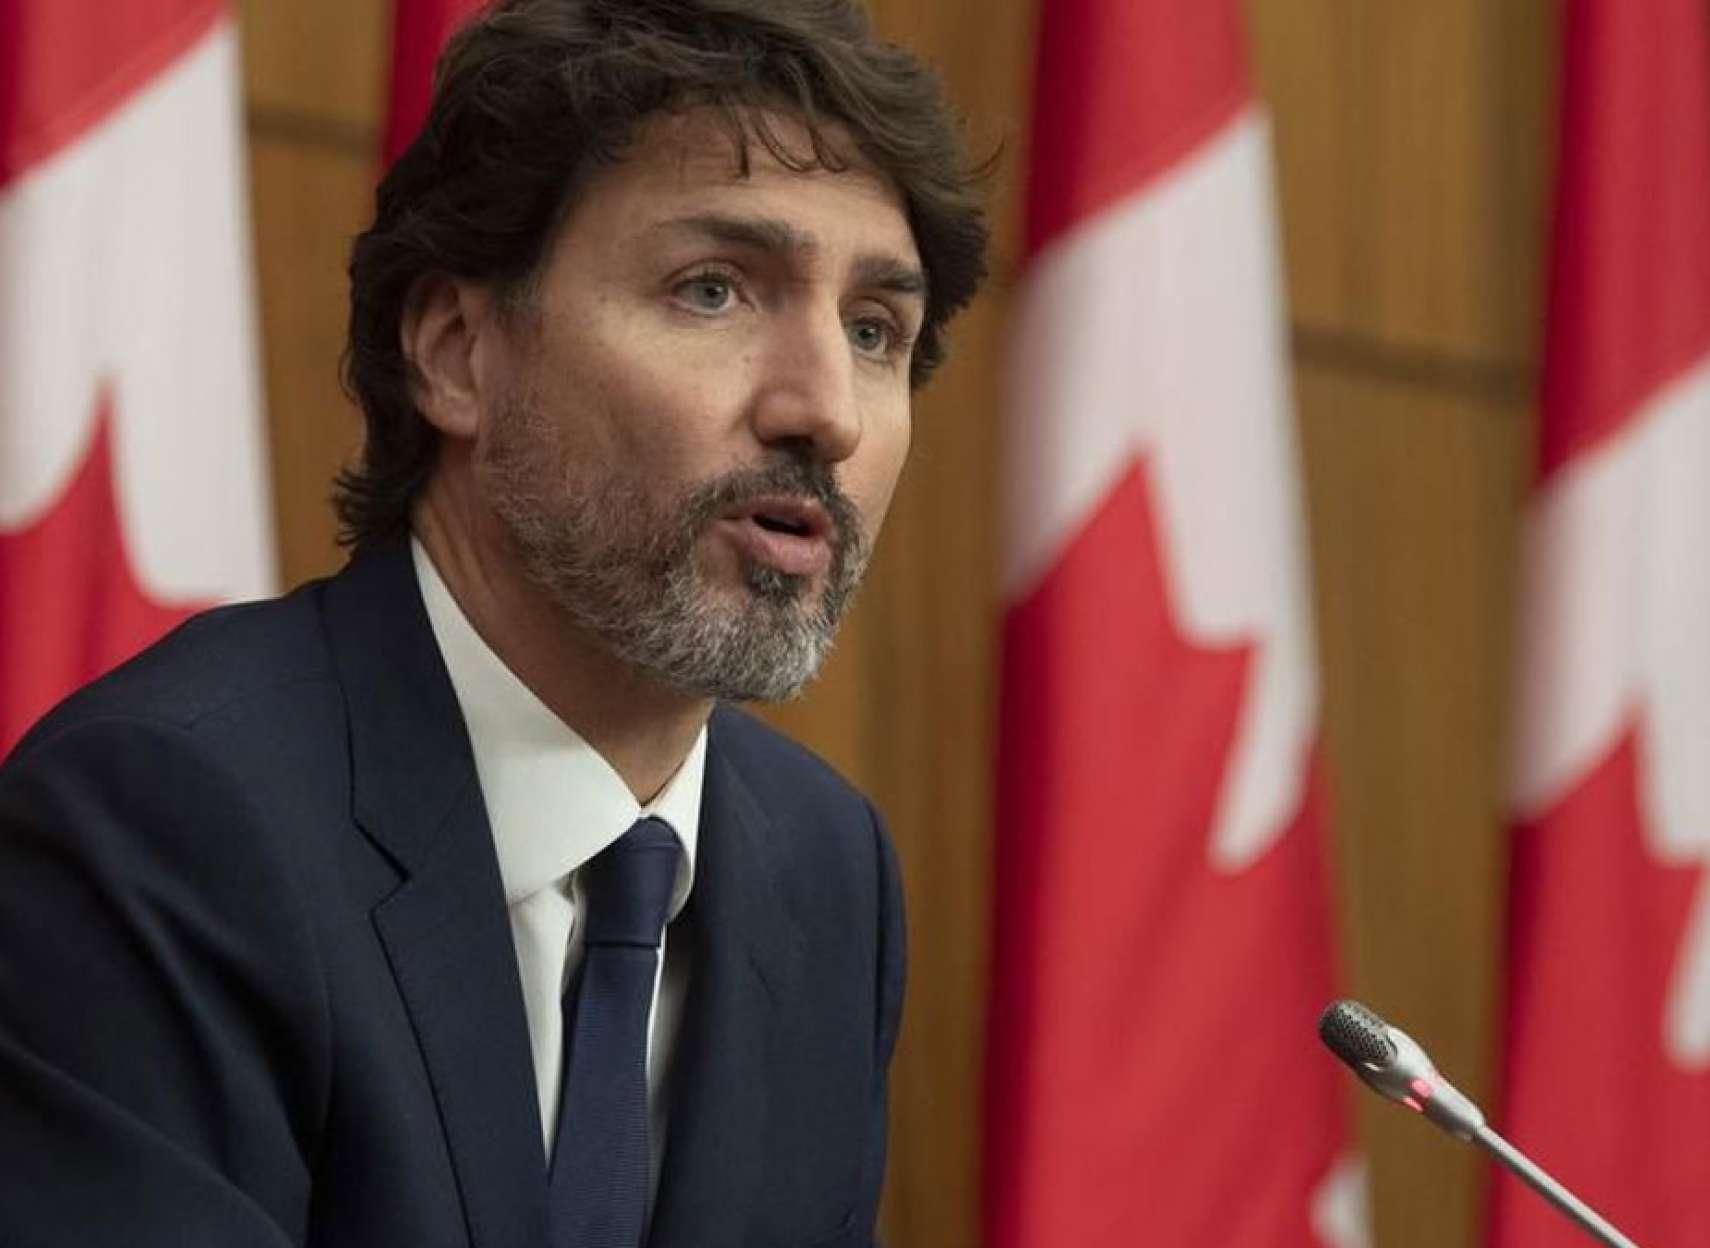 اخبار-کانادا-اعلان-کمک-های-جدید-ترودو-به-مشاغل-با-پیشرفت-موج-دوم-کرونا